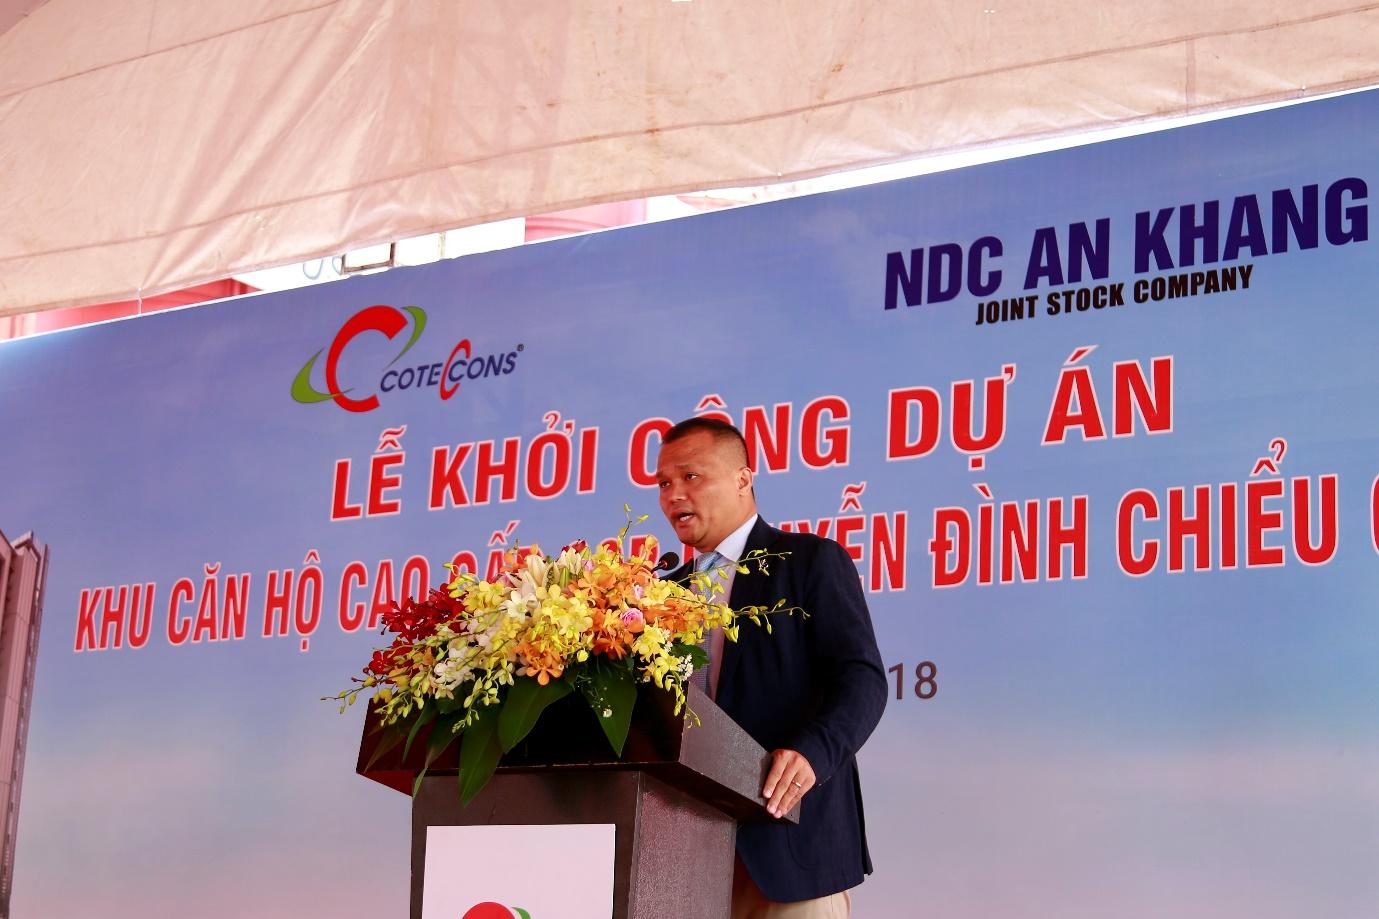 Hong Kong Land Chuẩn bị triển khai dự án The Marq  tại 29B nguyễn đình chiều ( 29B NDC )